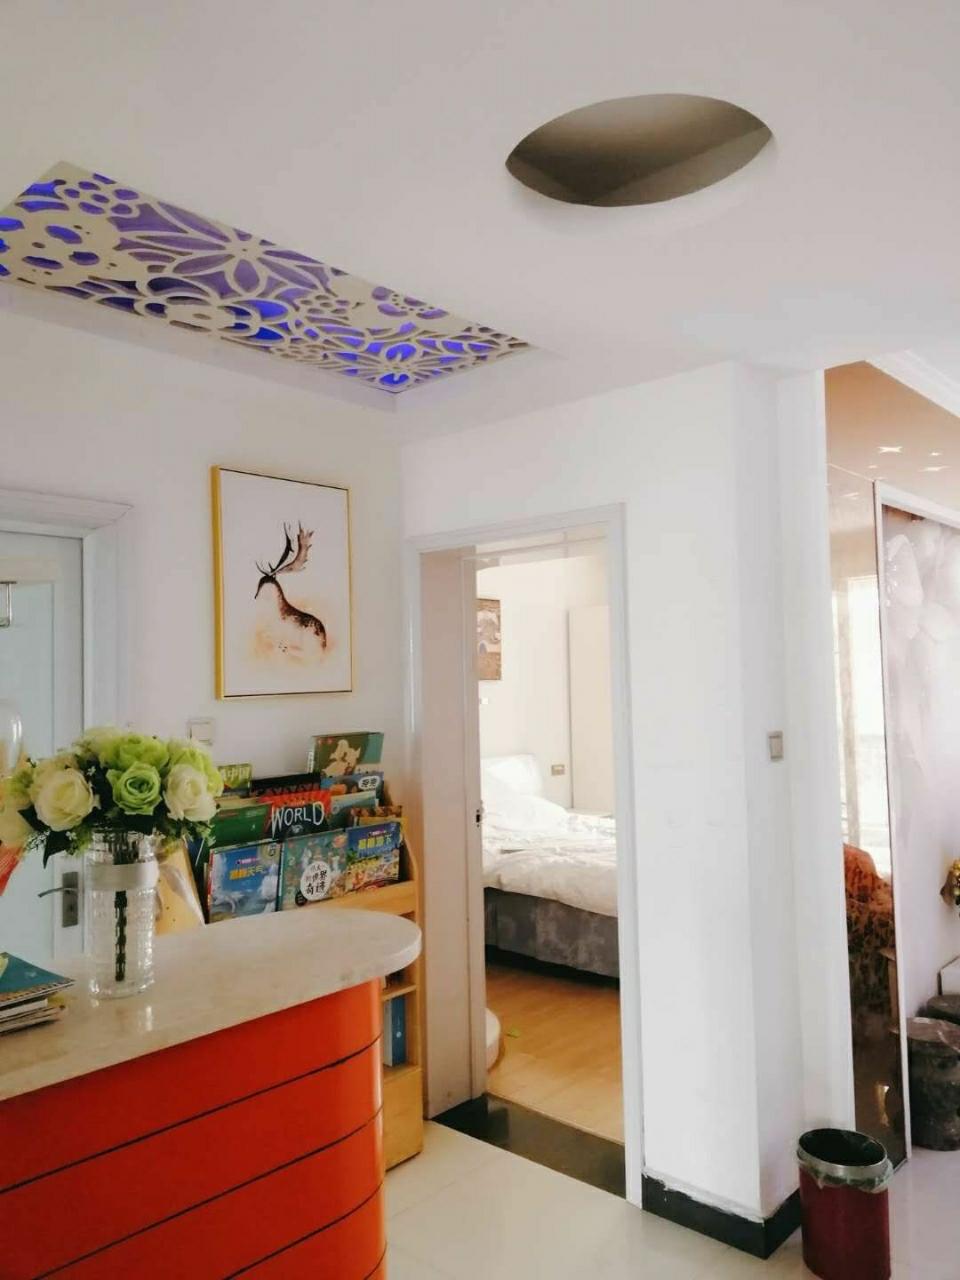 梨都华庭中装两室两厅拎包入住39万元